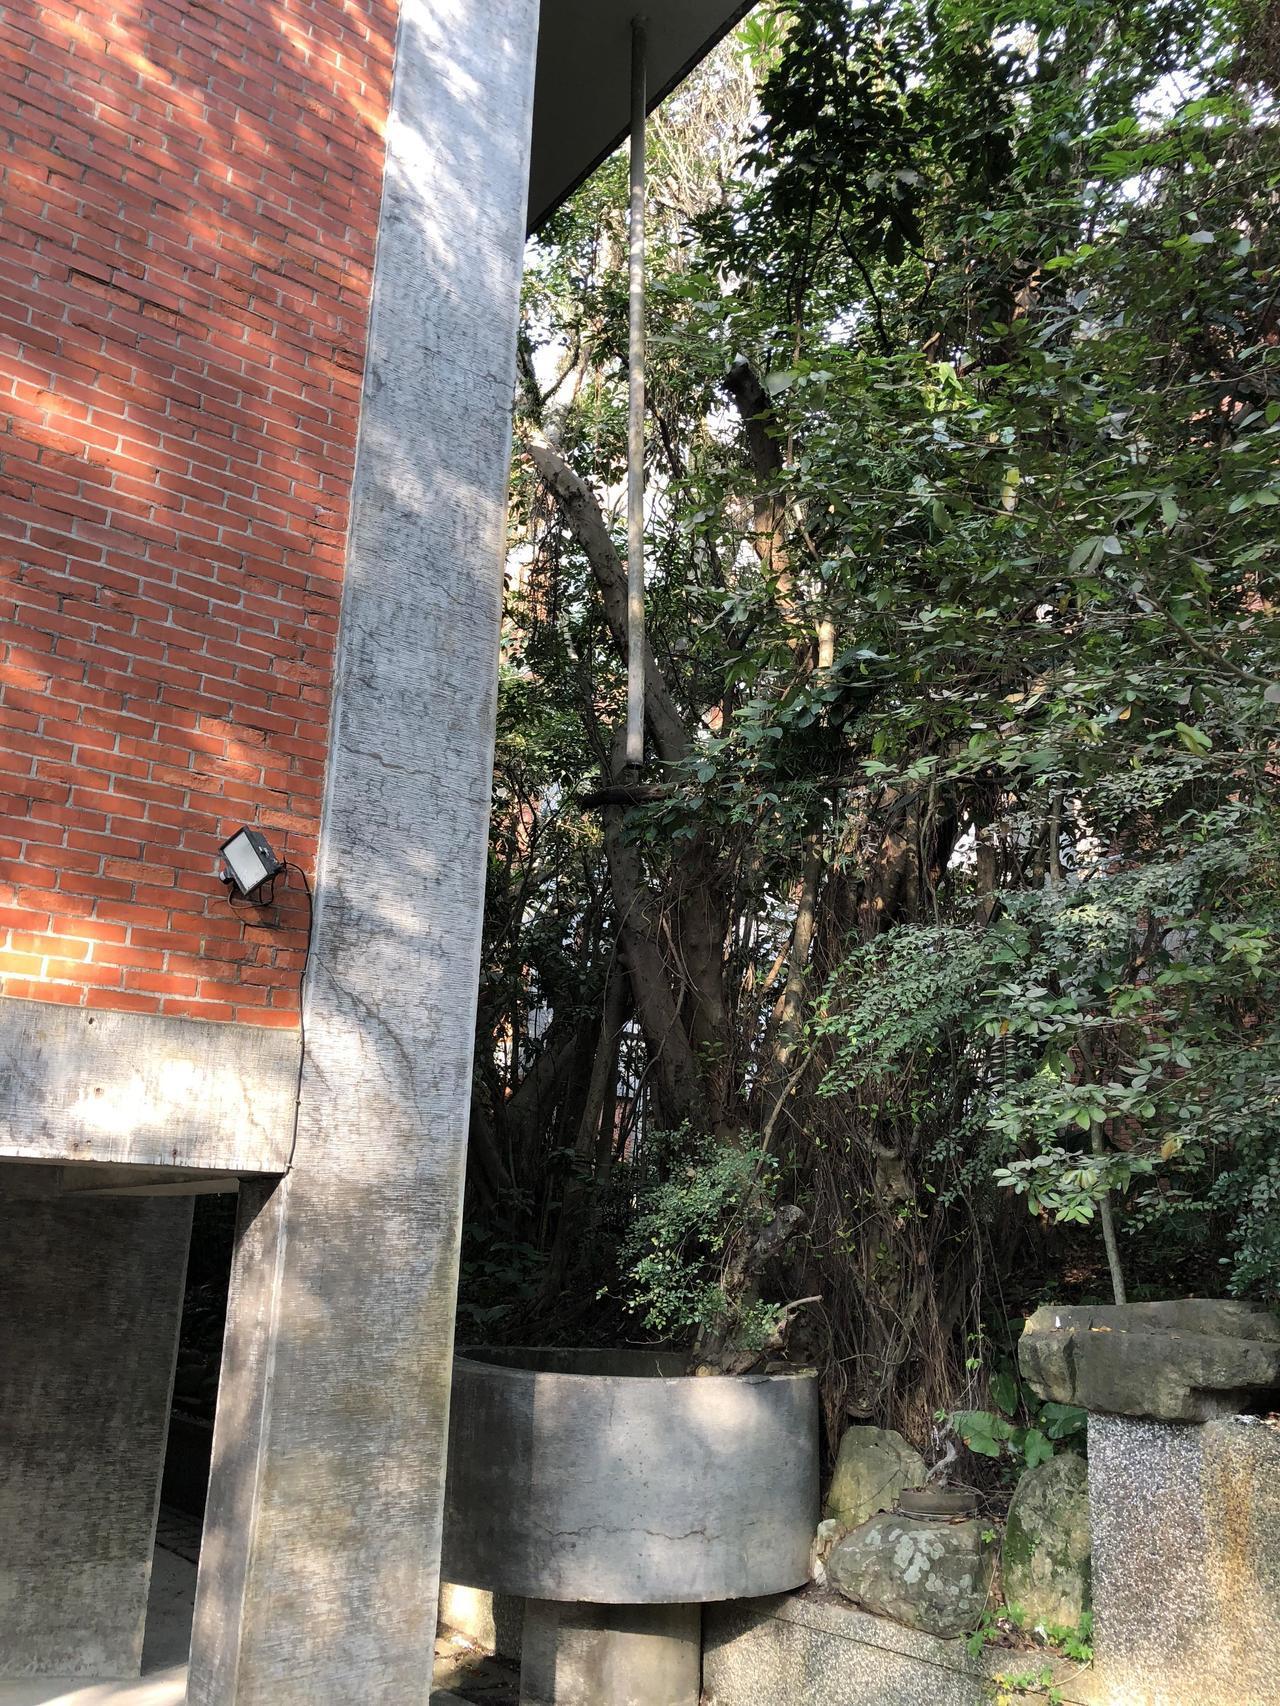 中研院歐美所圖書館觀賞重點,全館外共有四處這類從屋簷連接的排水管,下設圓槽,可隨...